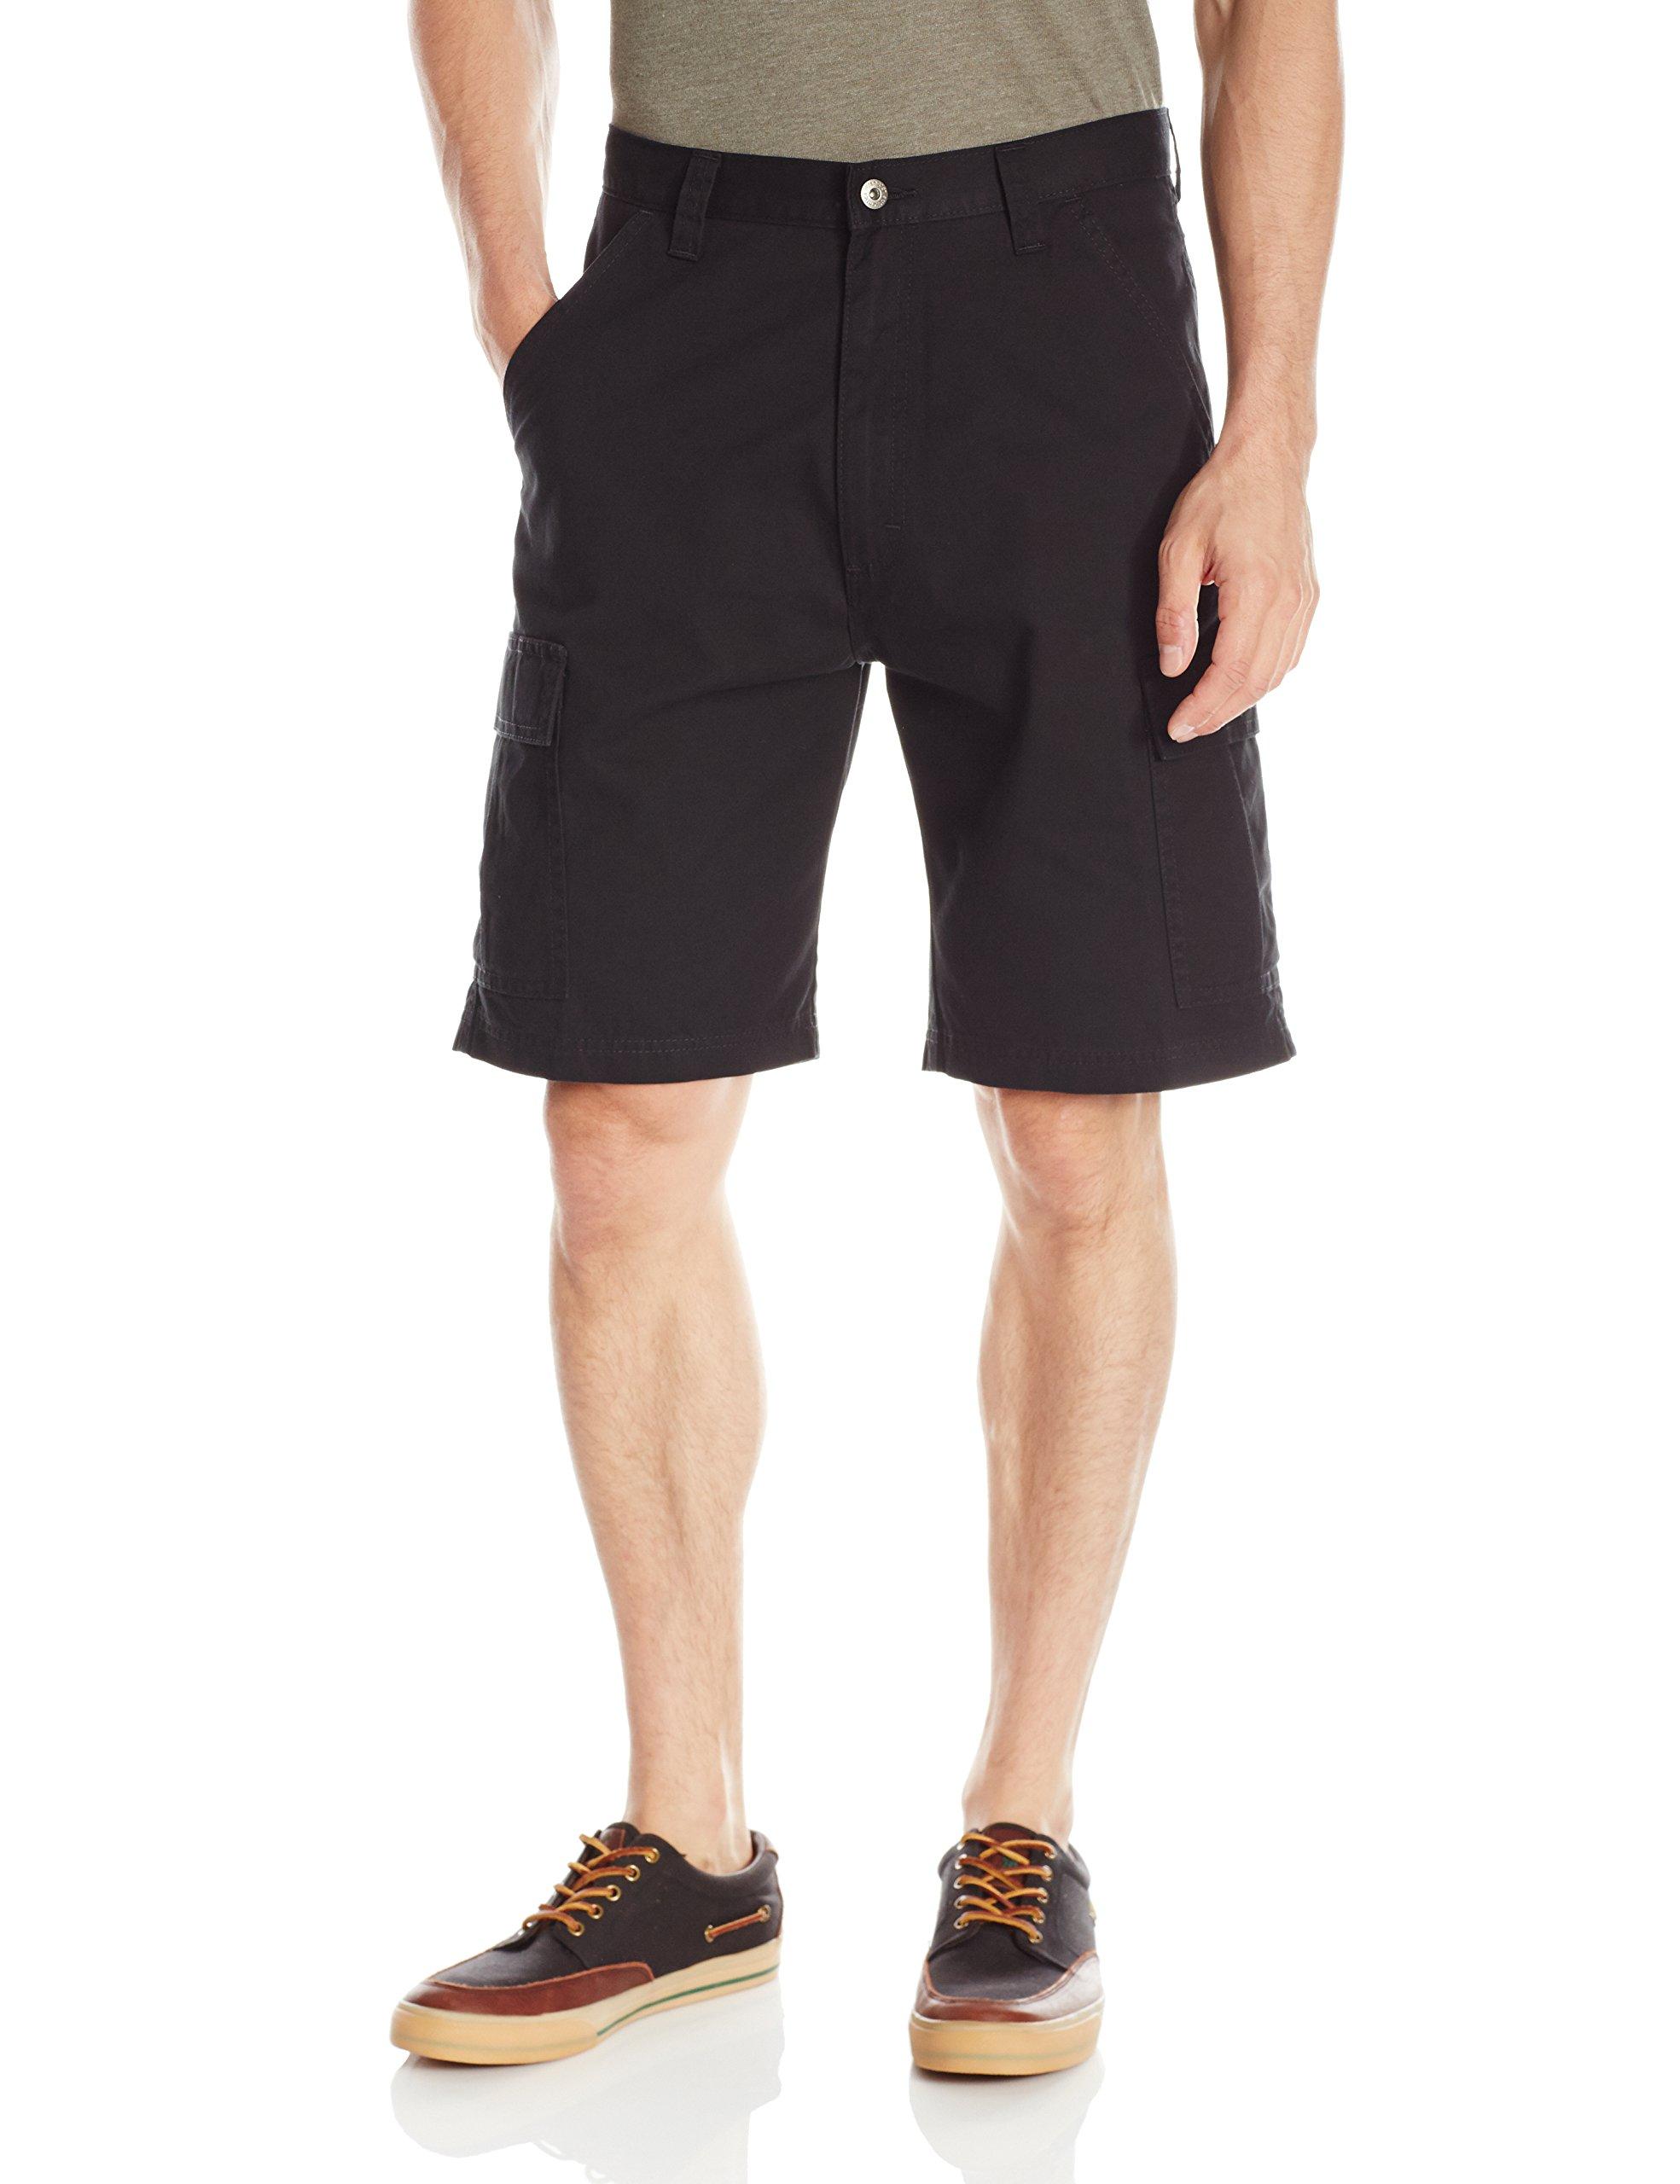 Wrangler Men's Authentics Classic Twill Cargo Short, Black Twill, 34